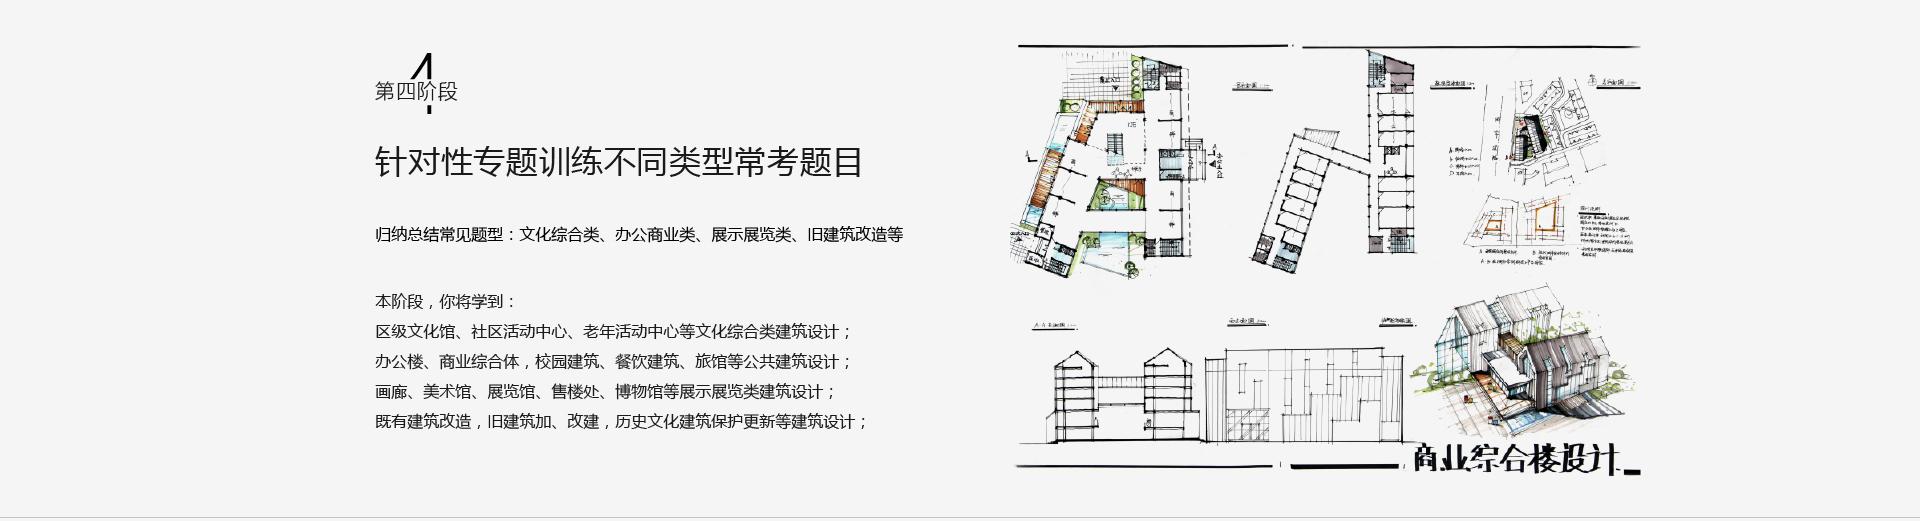 建筑快题_08.jpg